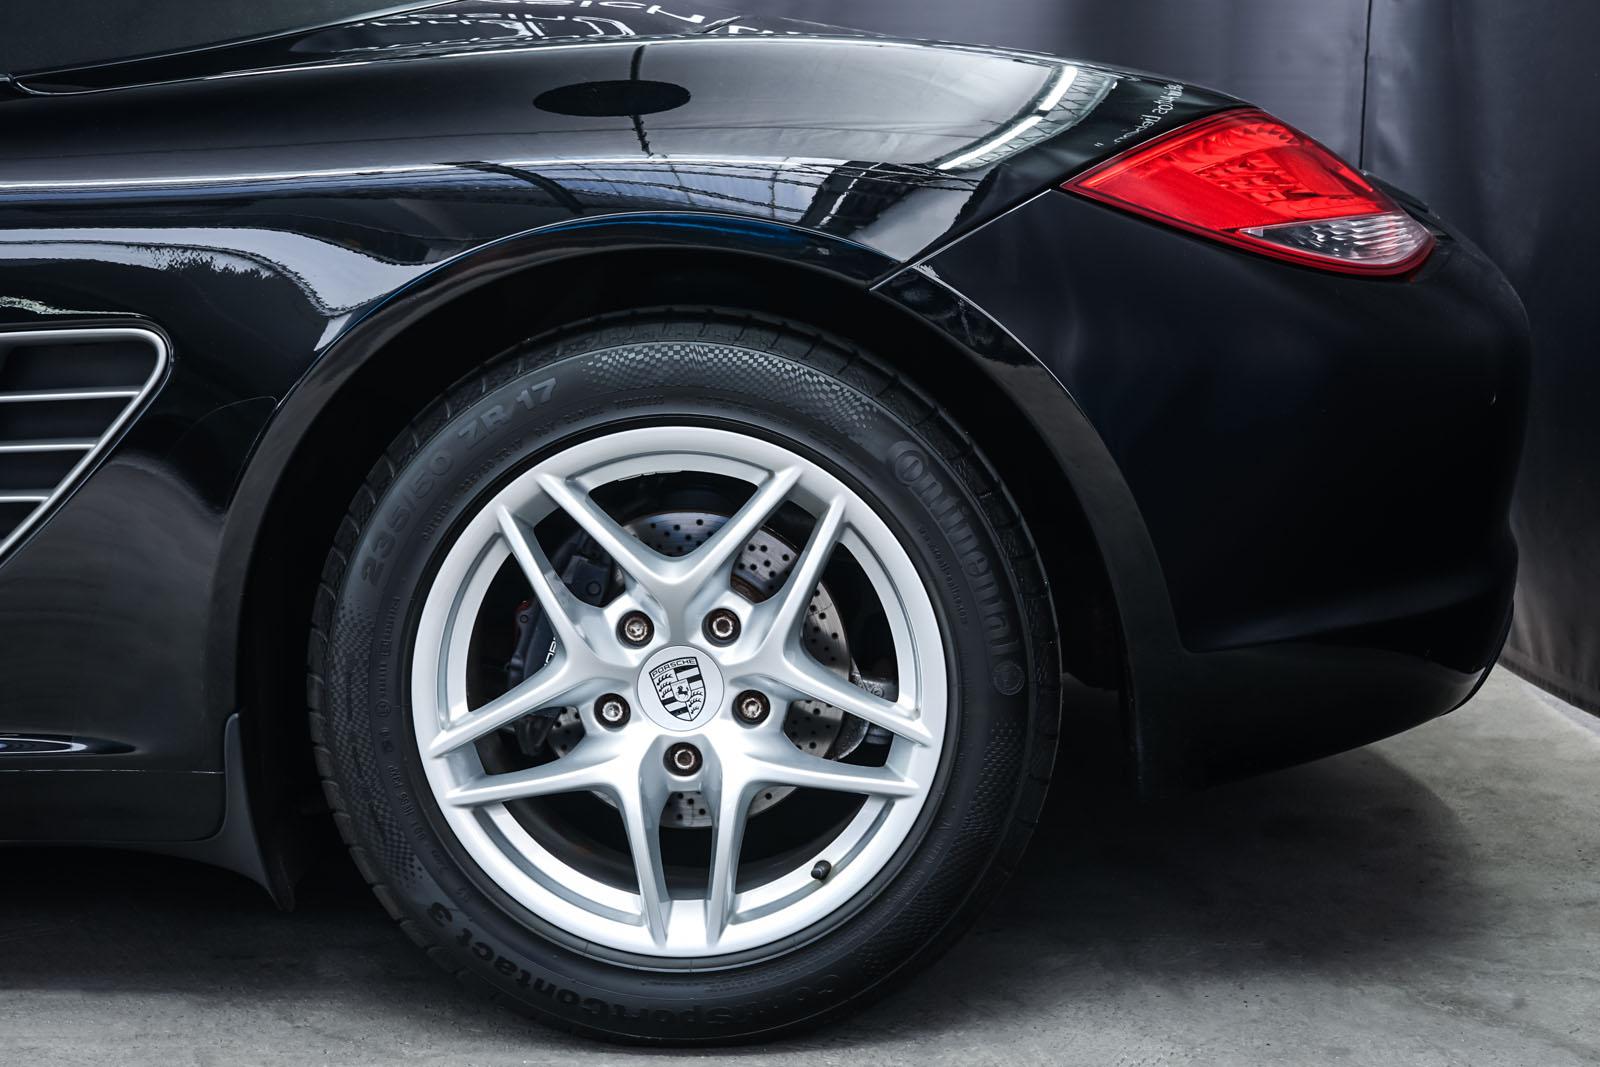 Porsche_Boxster_Schwarz_Schwarz_POR-0927_4_w